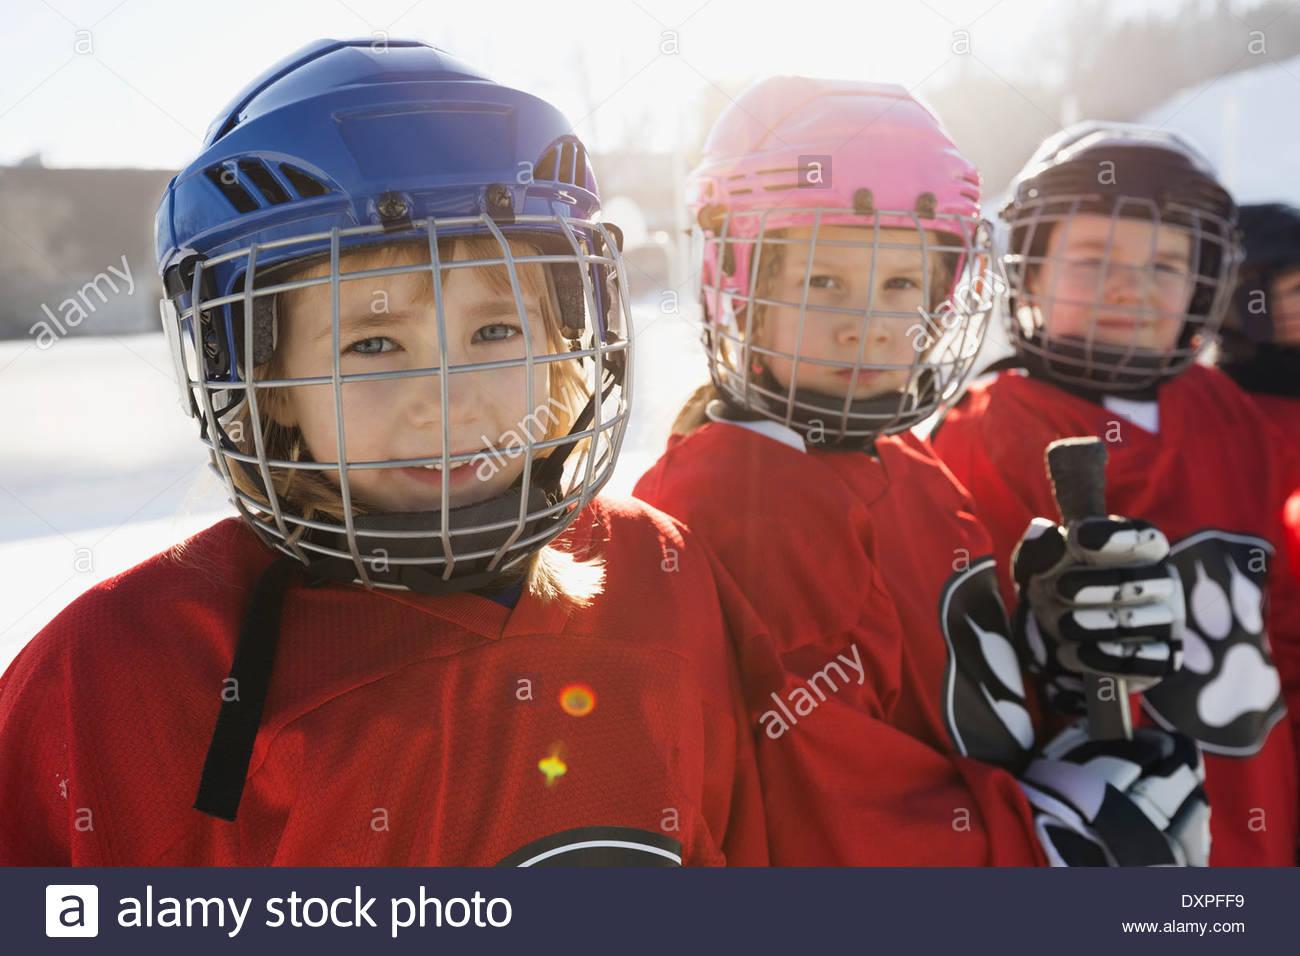 Portrait de jeunes filles en uniforme de hockey sur glace Photo Stock